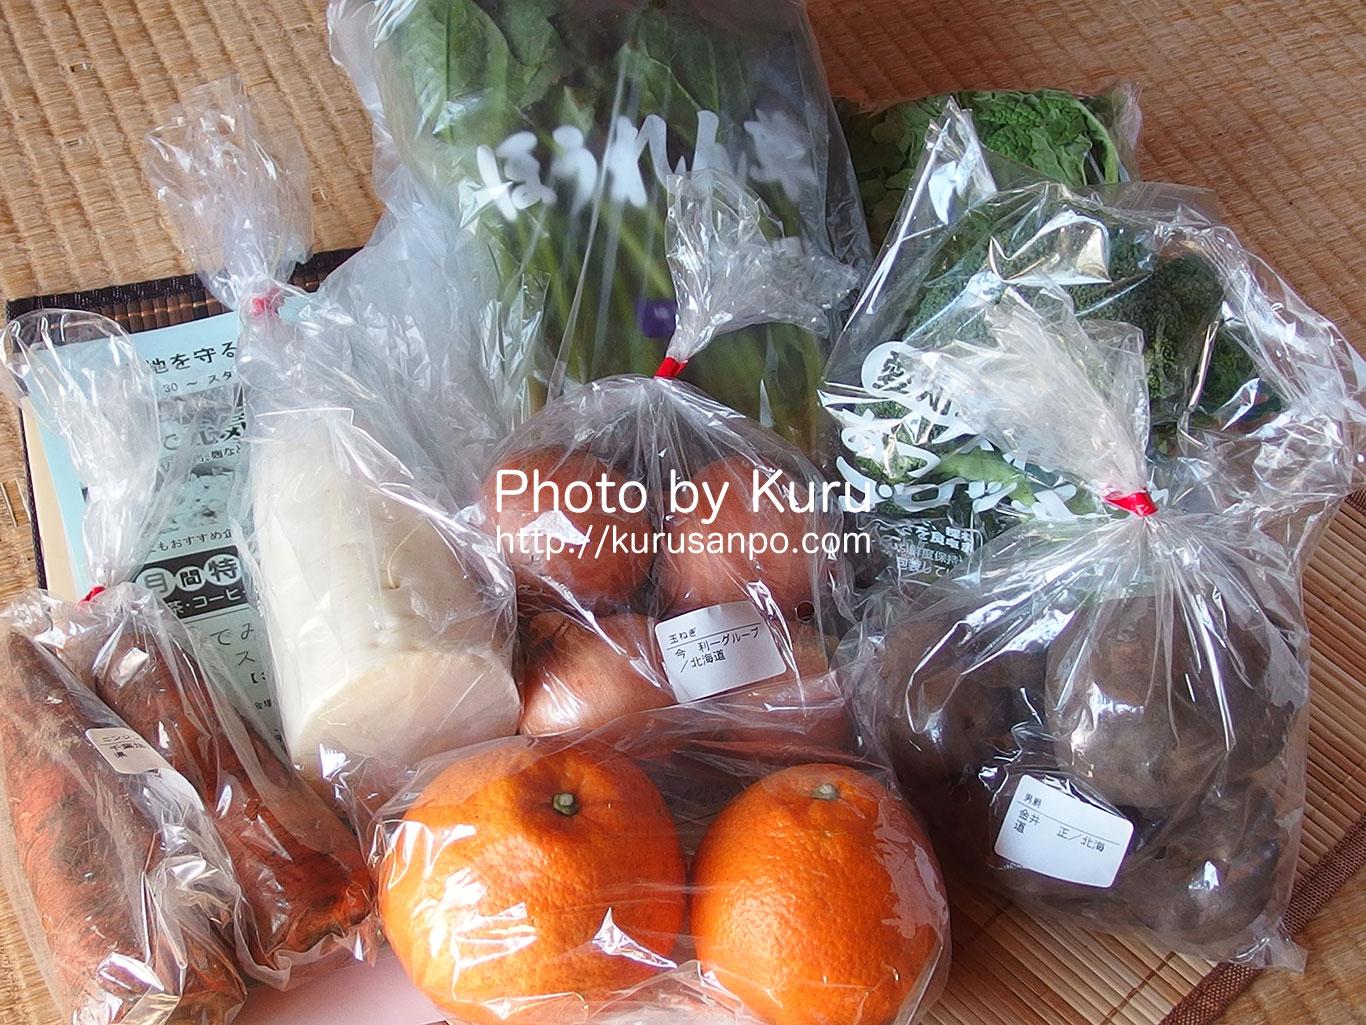 大地を守る会の『お試しセット』の野菜(葉物と果物)をいただく♪